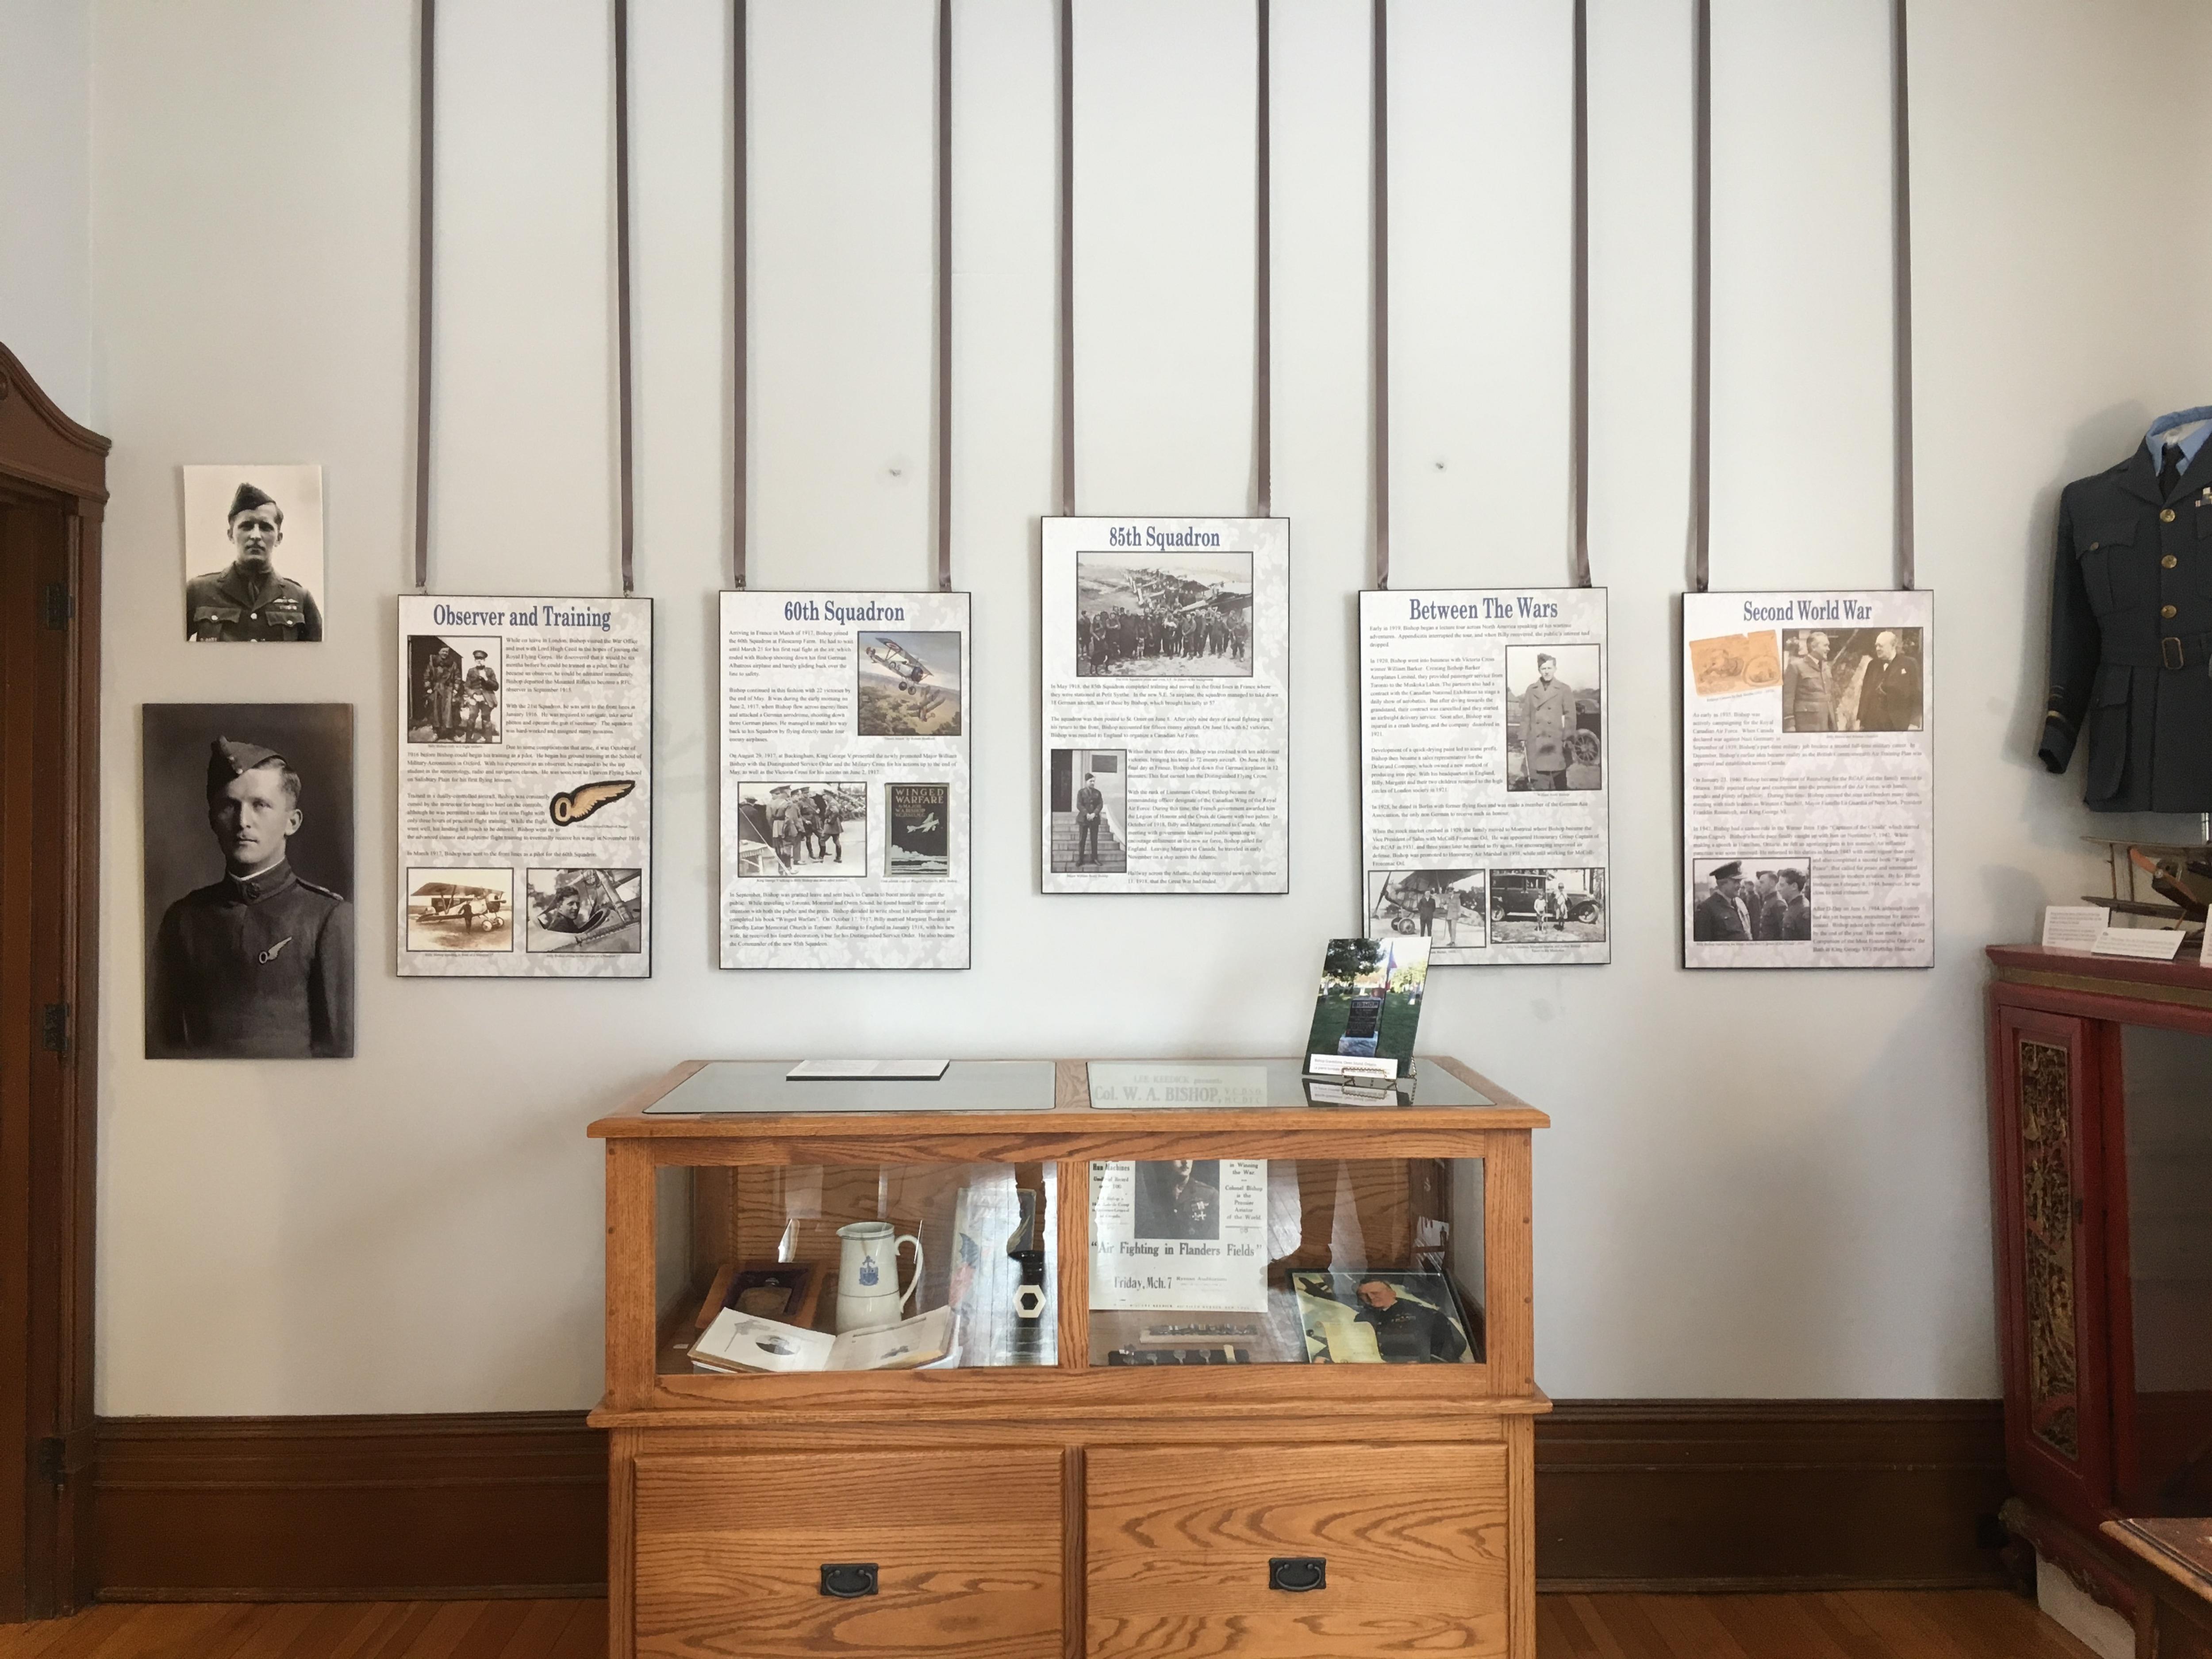 Les panneaux sont accrochés au mur au dessus d'un meuble vitrine